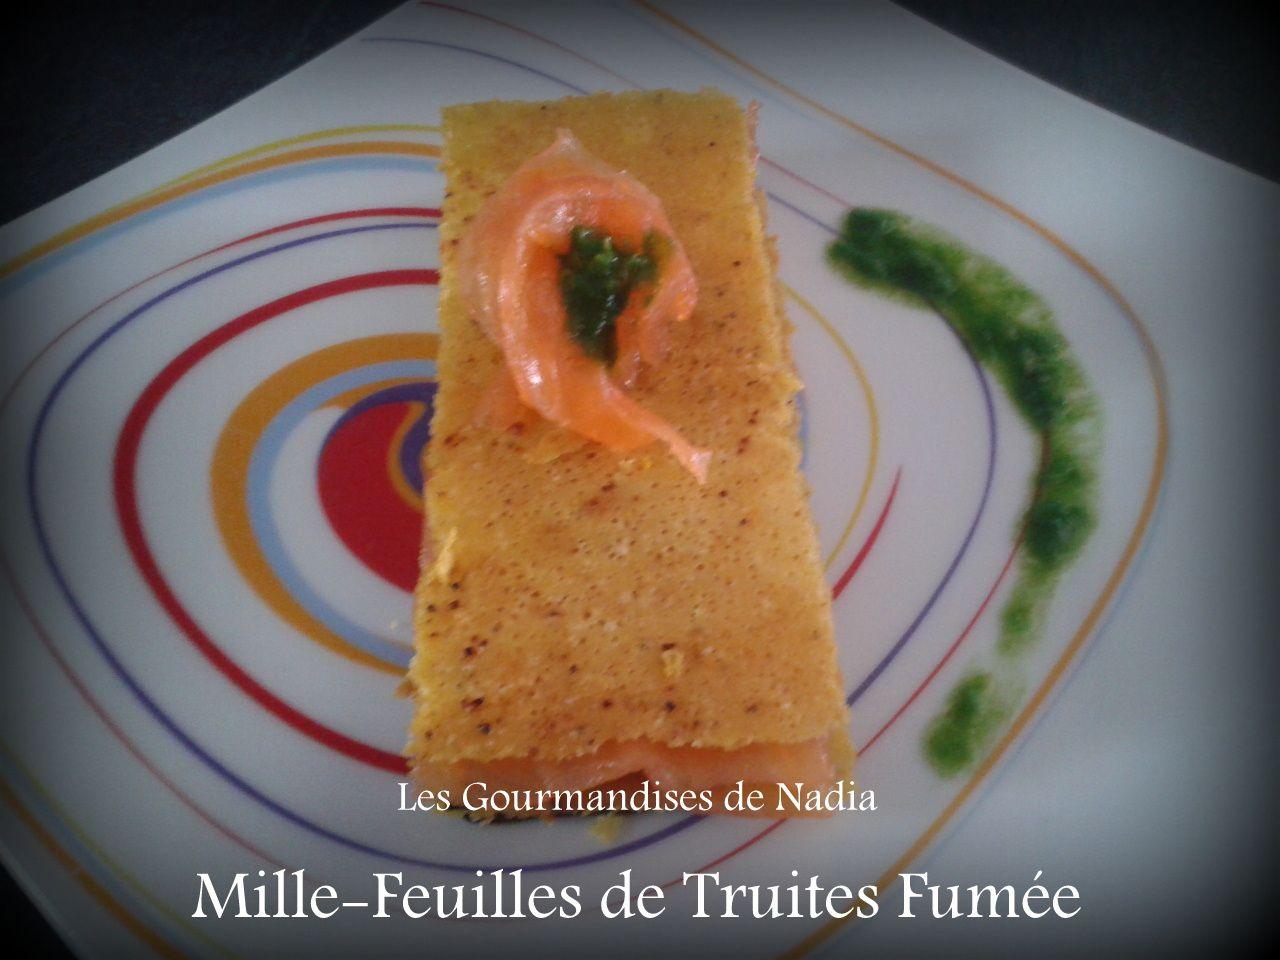 MILLE-FEUILLES DE TRUITES FUMEE